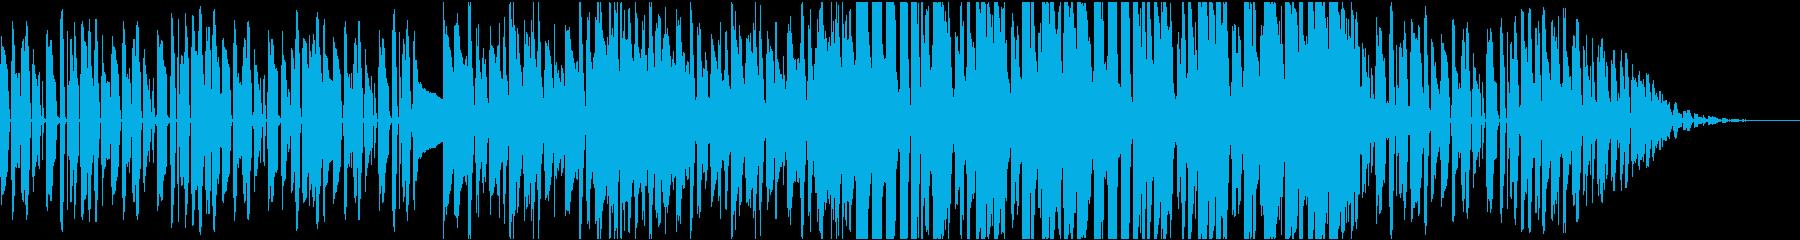 ベースが印象的なジャズナンバーの再生済みの波形